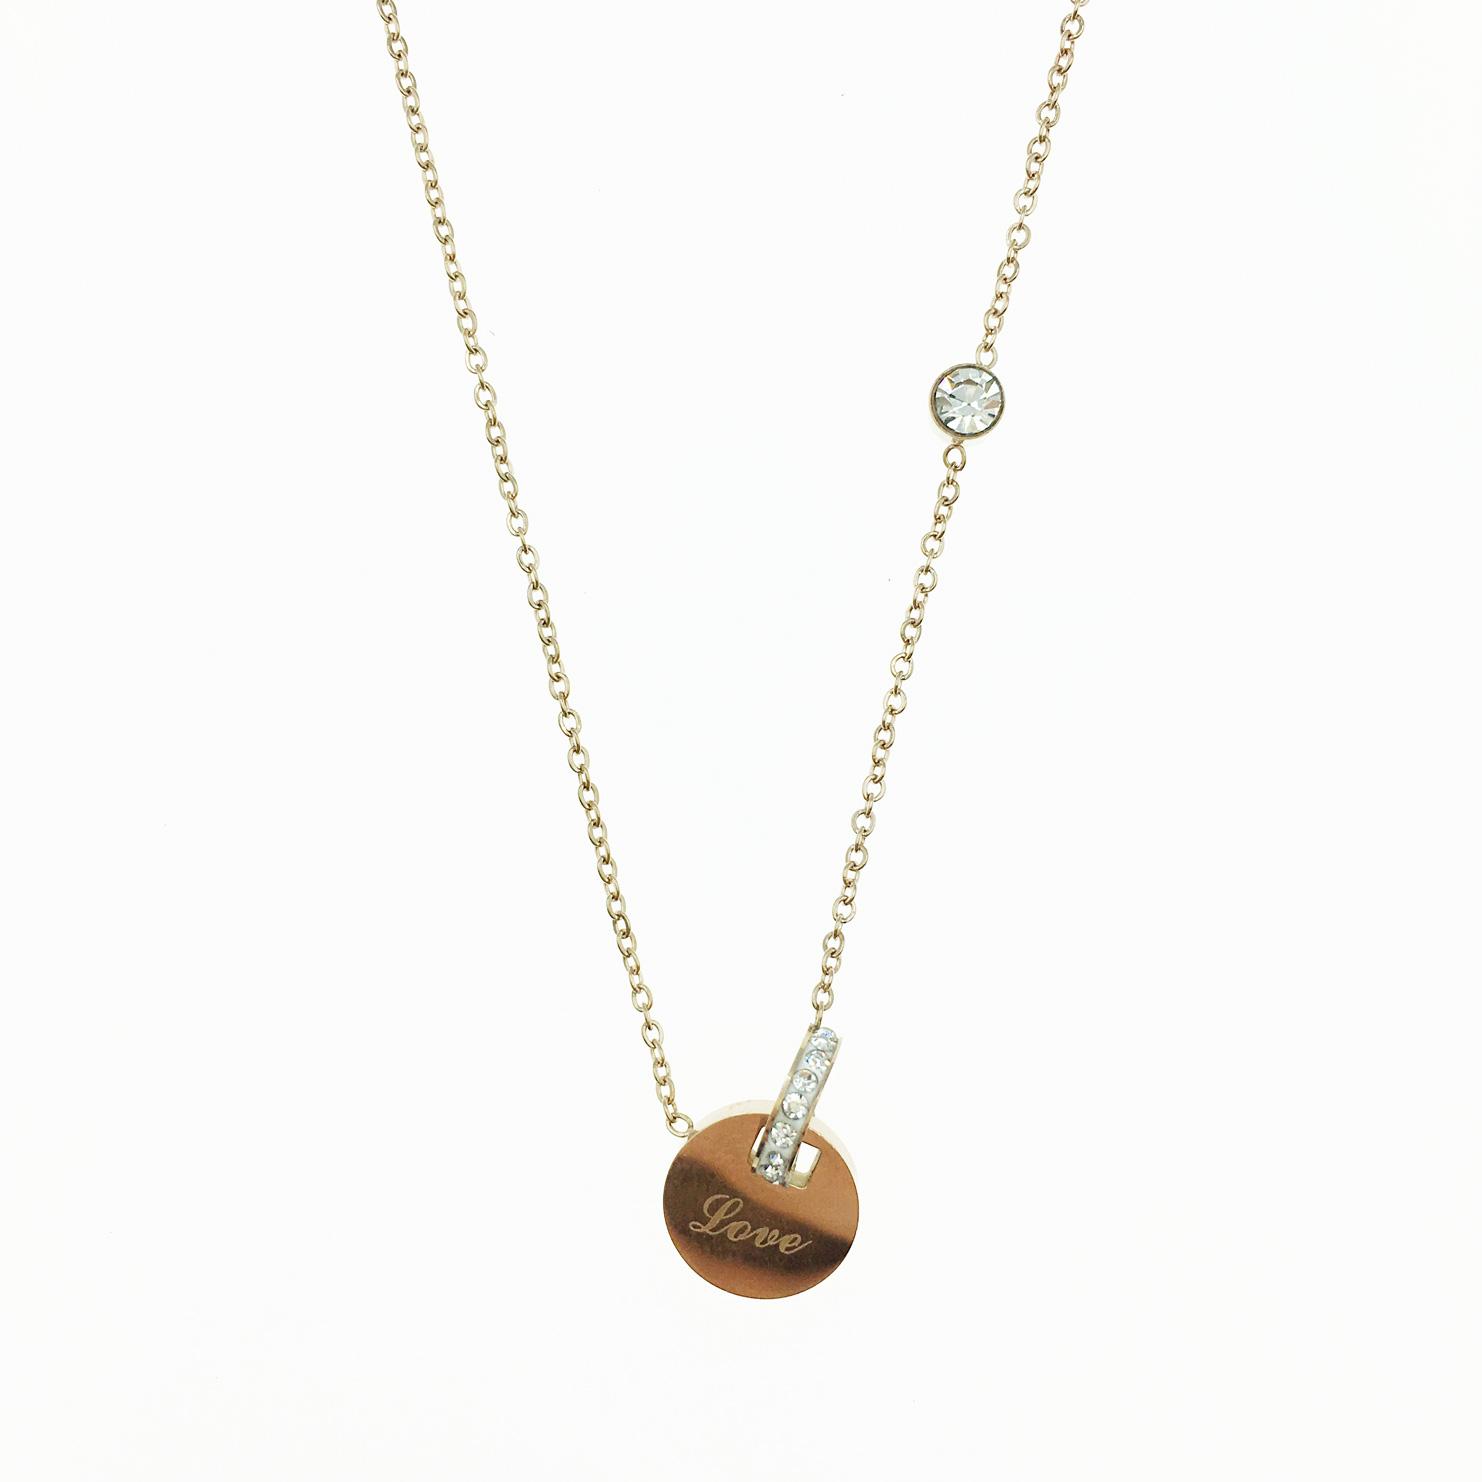 韓國 不鏽鋼 Love吊牌 水鑽 玫瑰金 項鍊